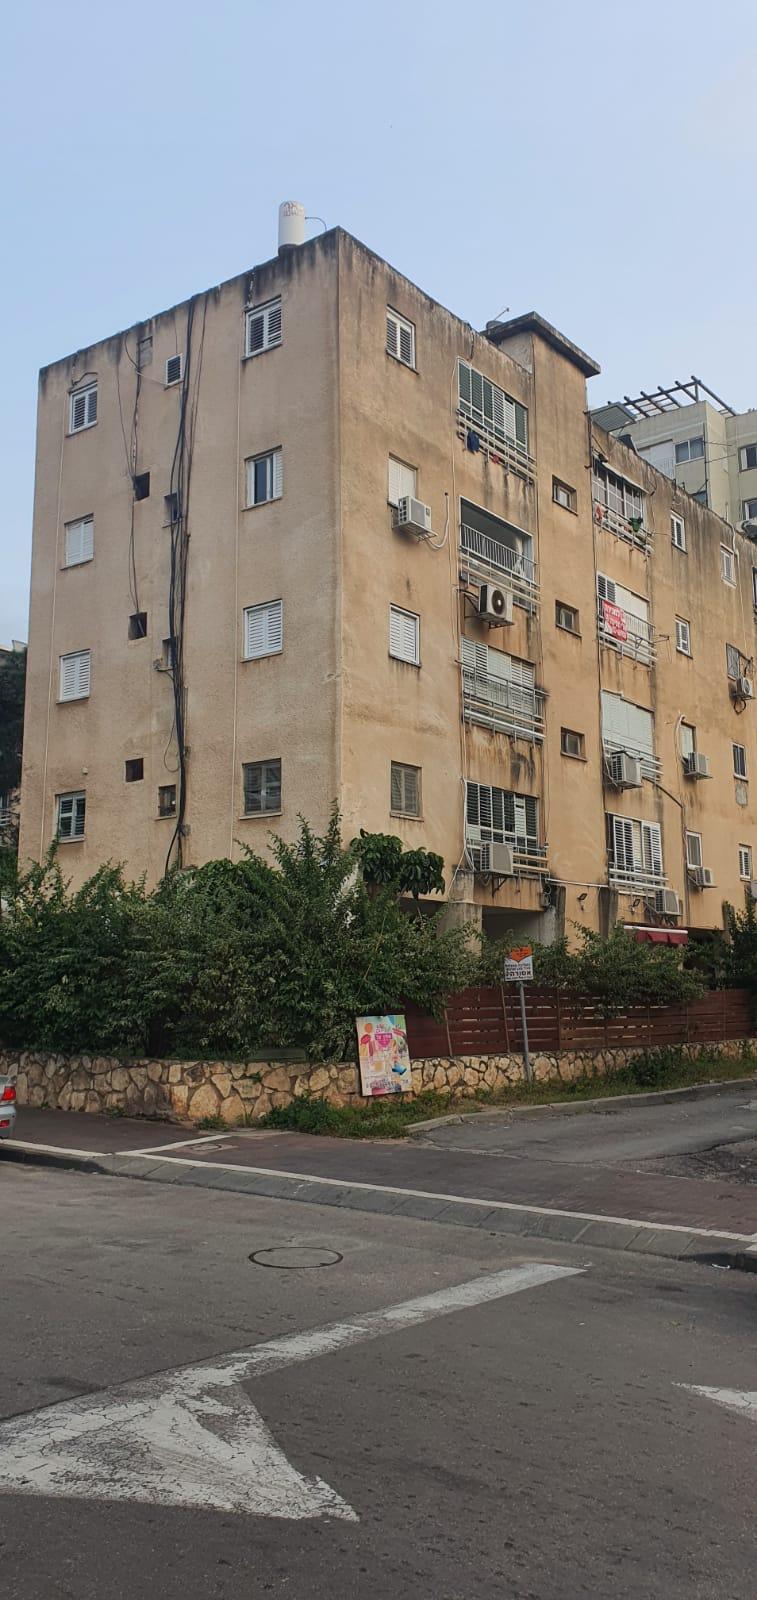 דירת 3 חדרים, רחוב רבי עקיבא 56, צפון העיר, נתניה